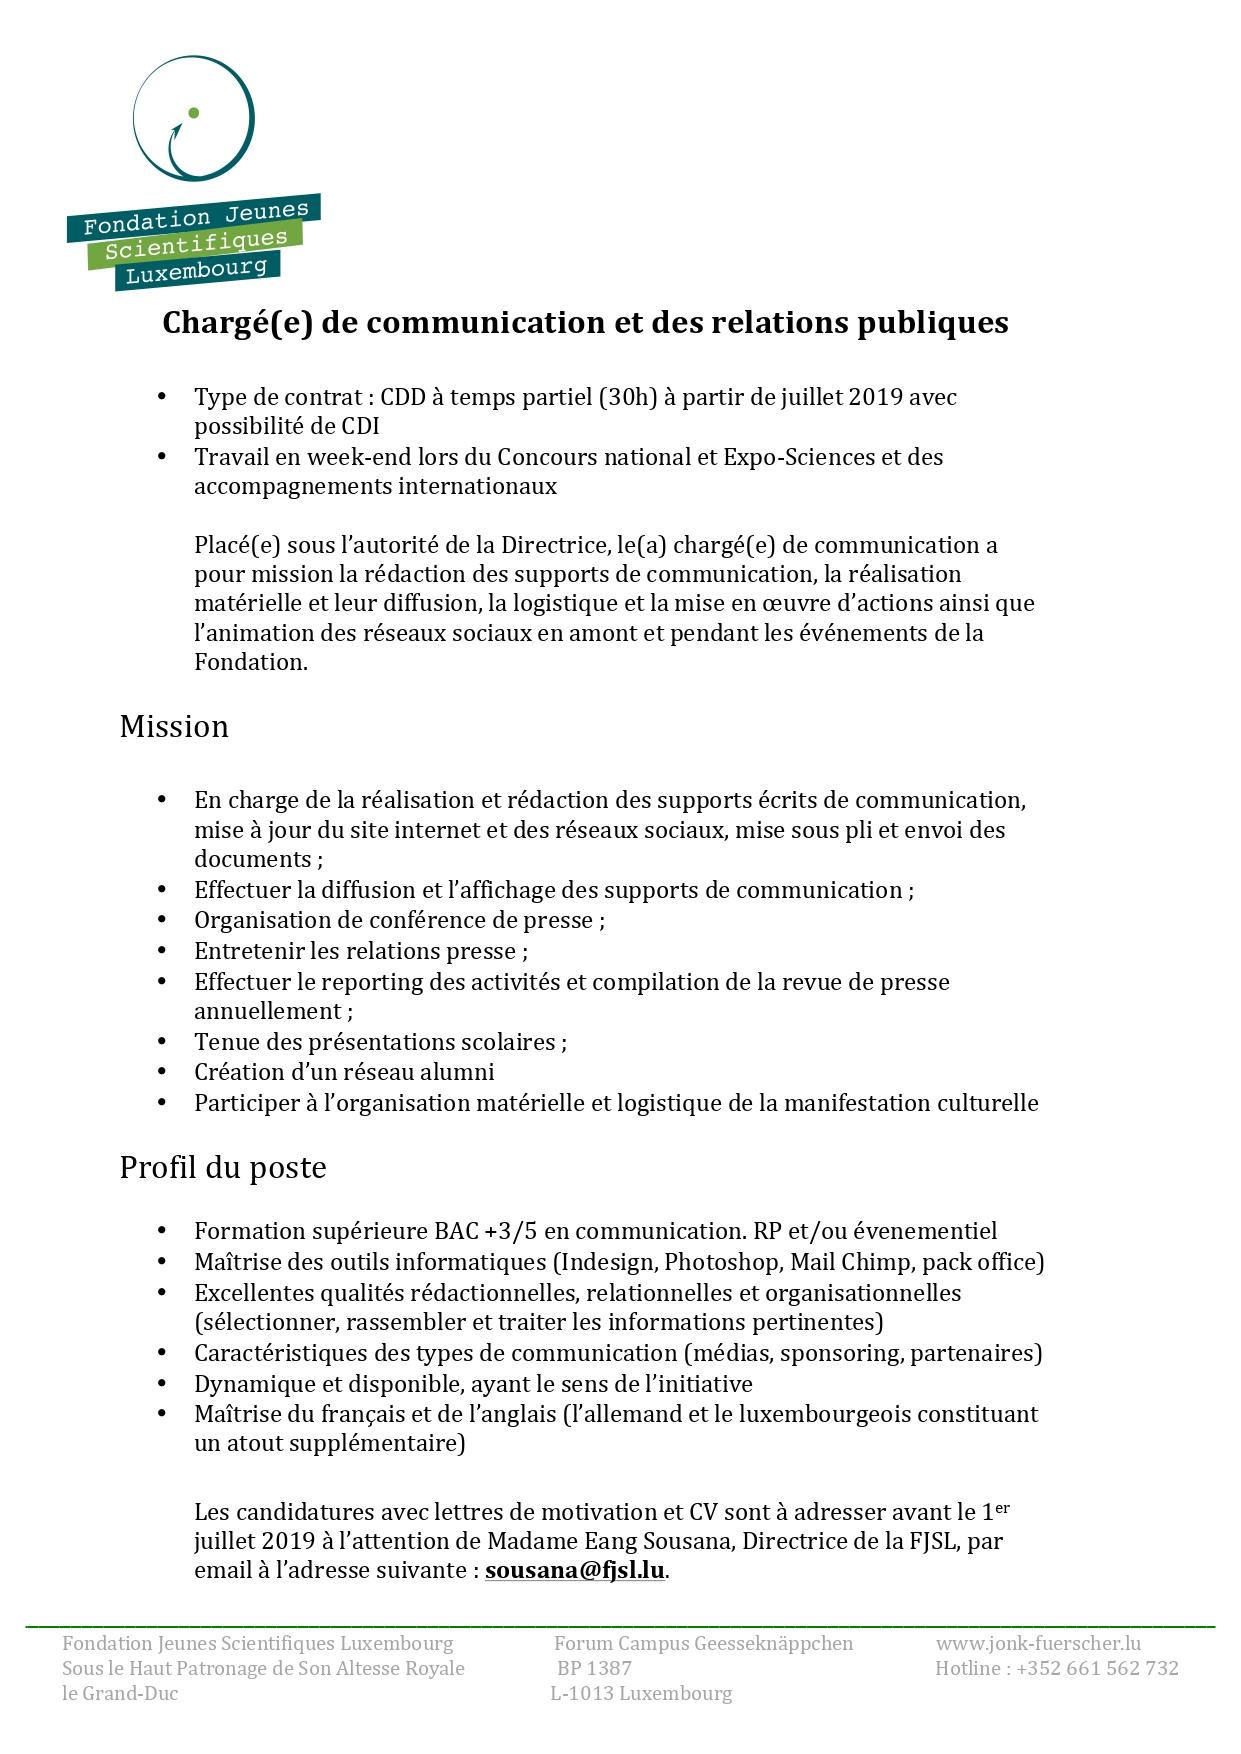 FJSL_Job description_Communication et RP_pages-to-jpg-0001.jpg